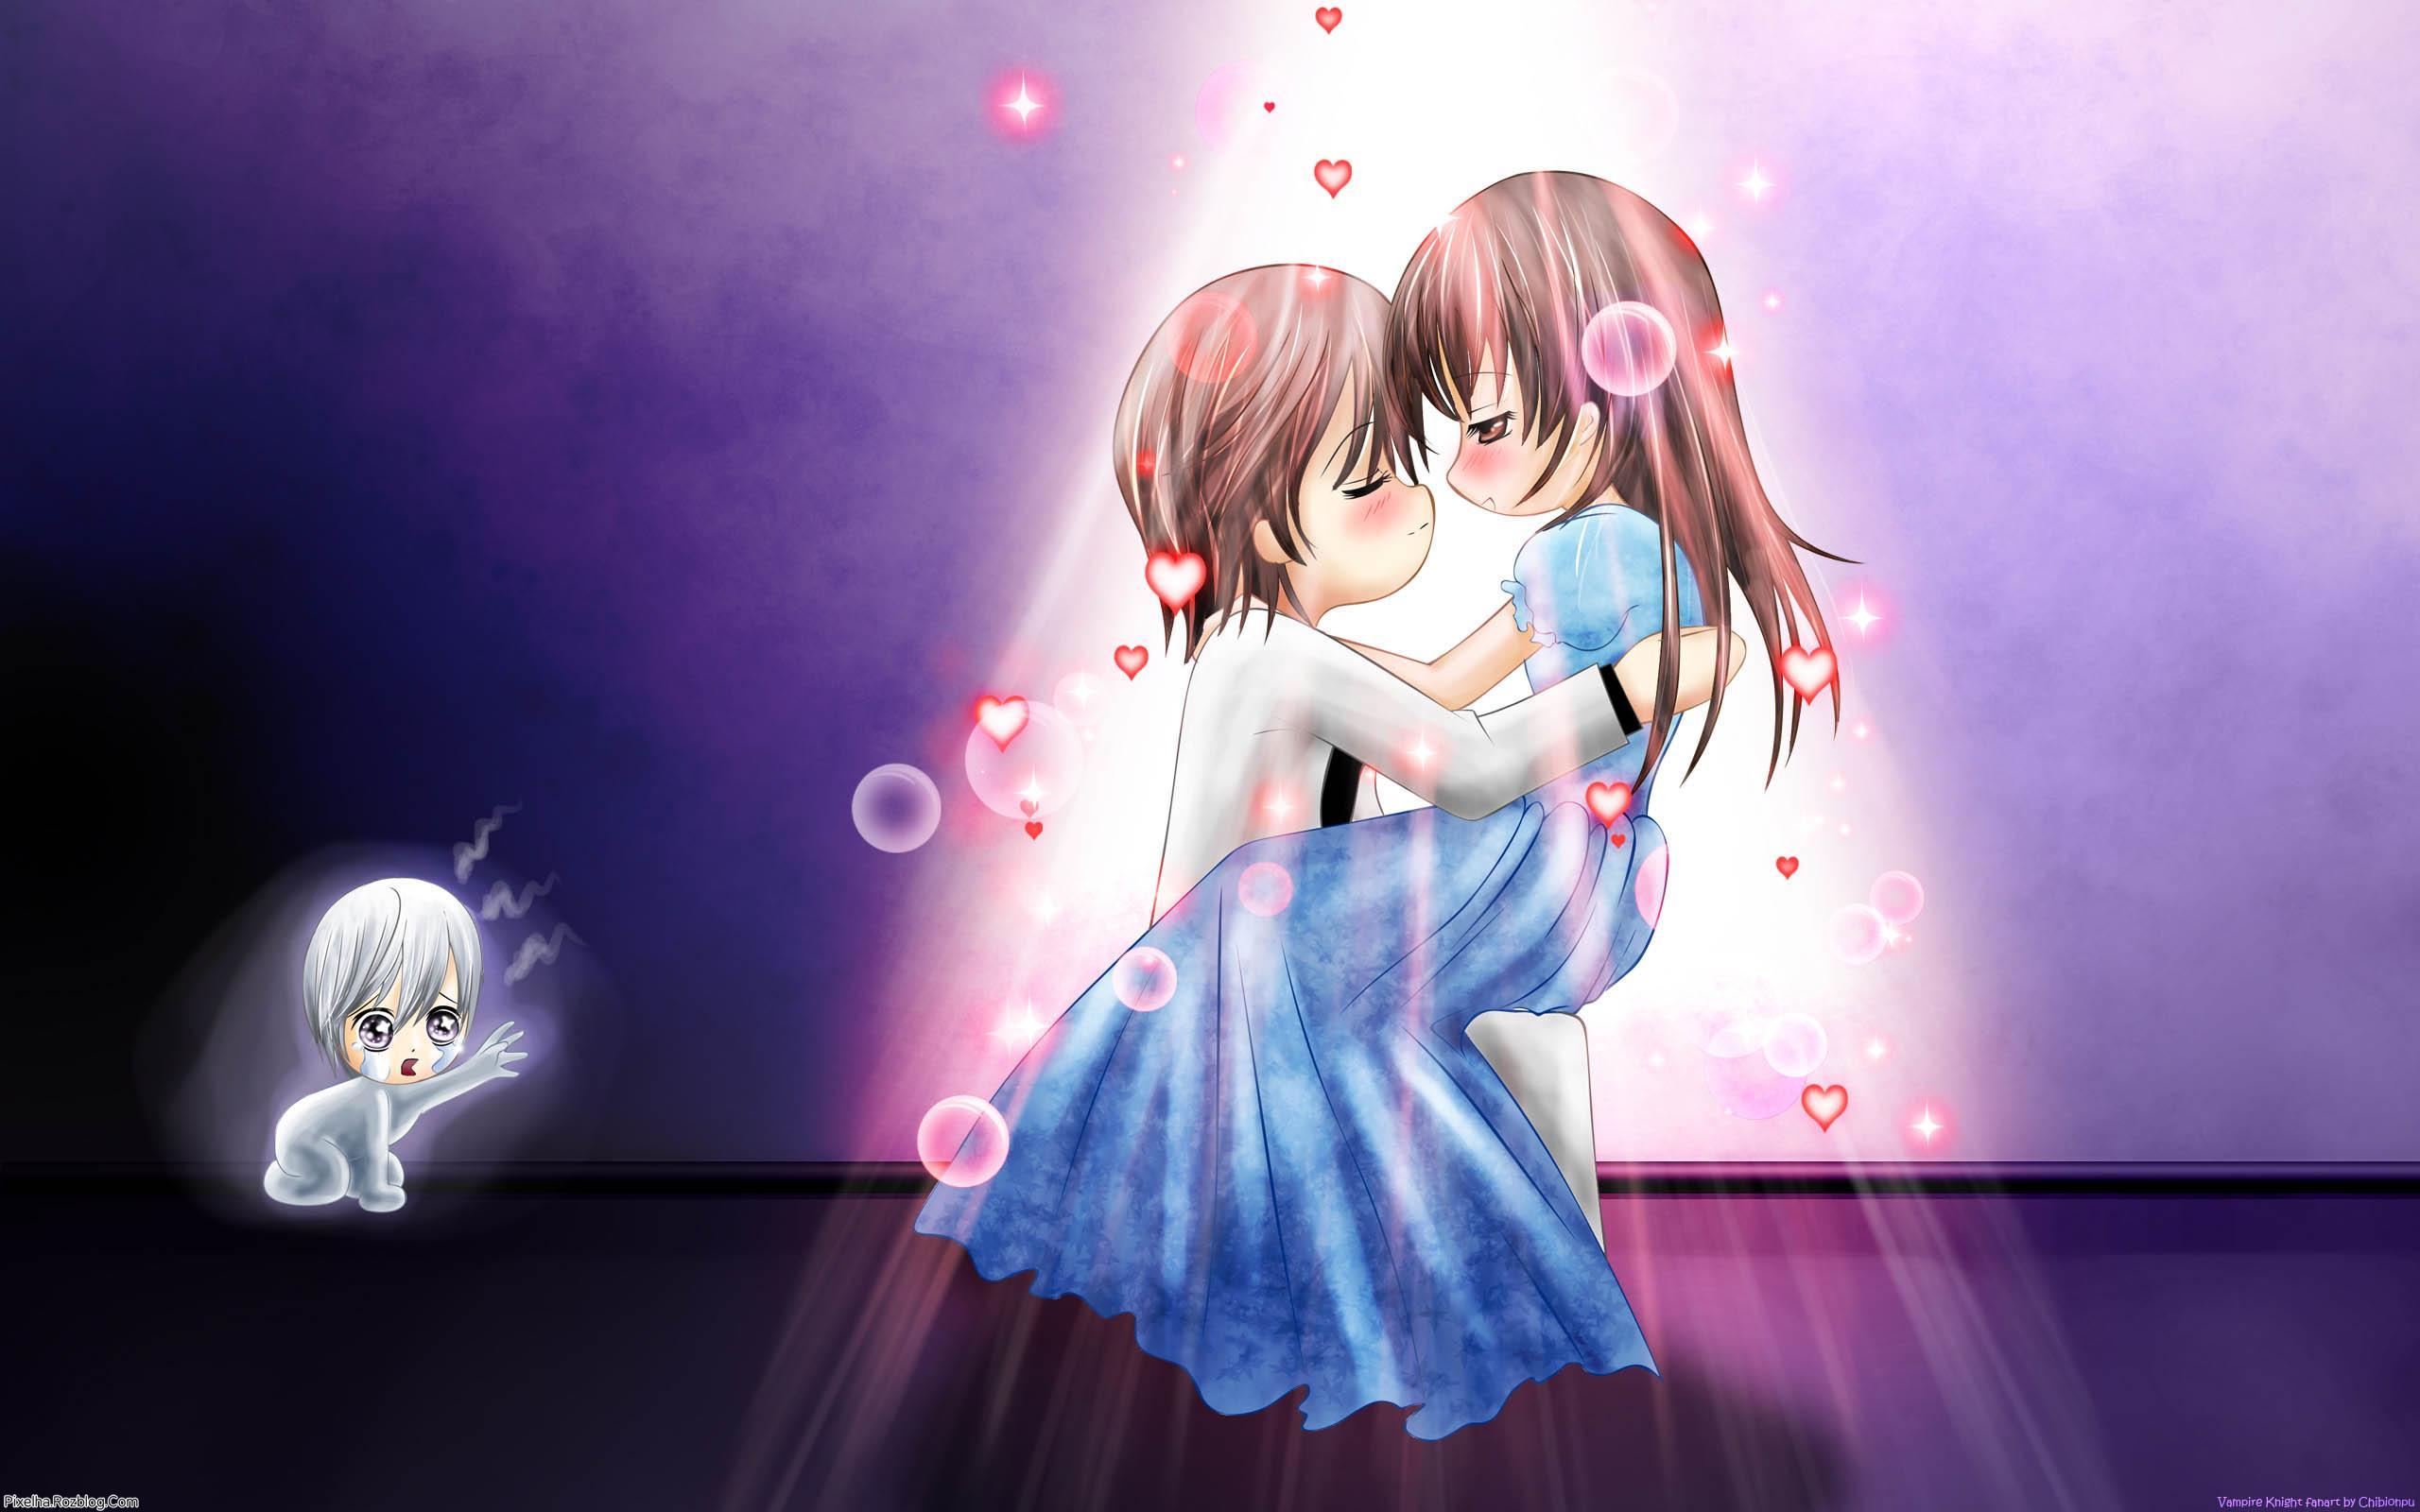 عکس کارتونی دختر و پسر در آغوش هم